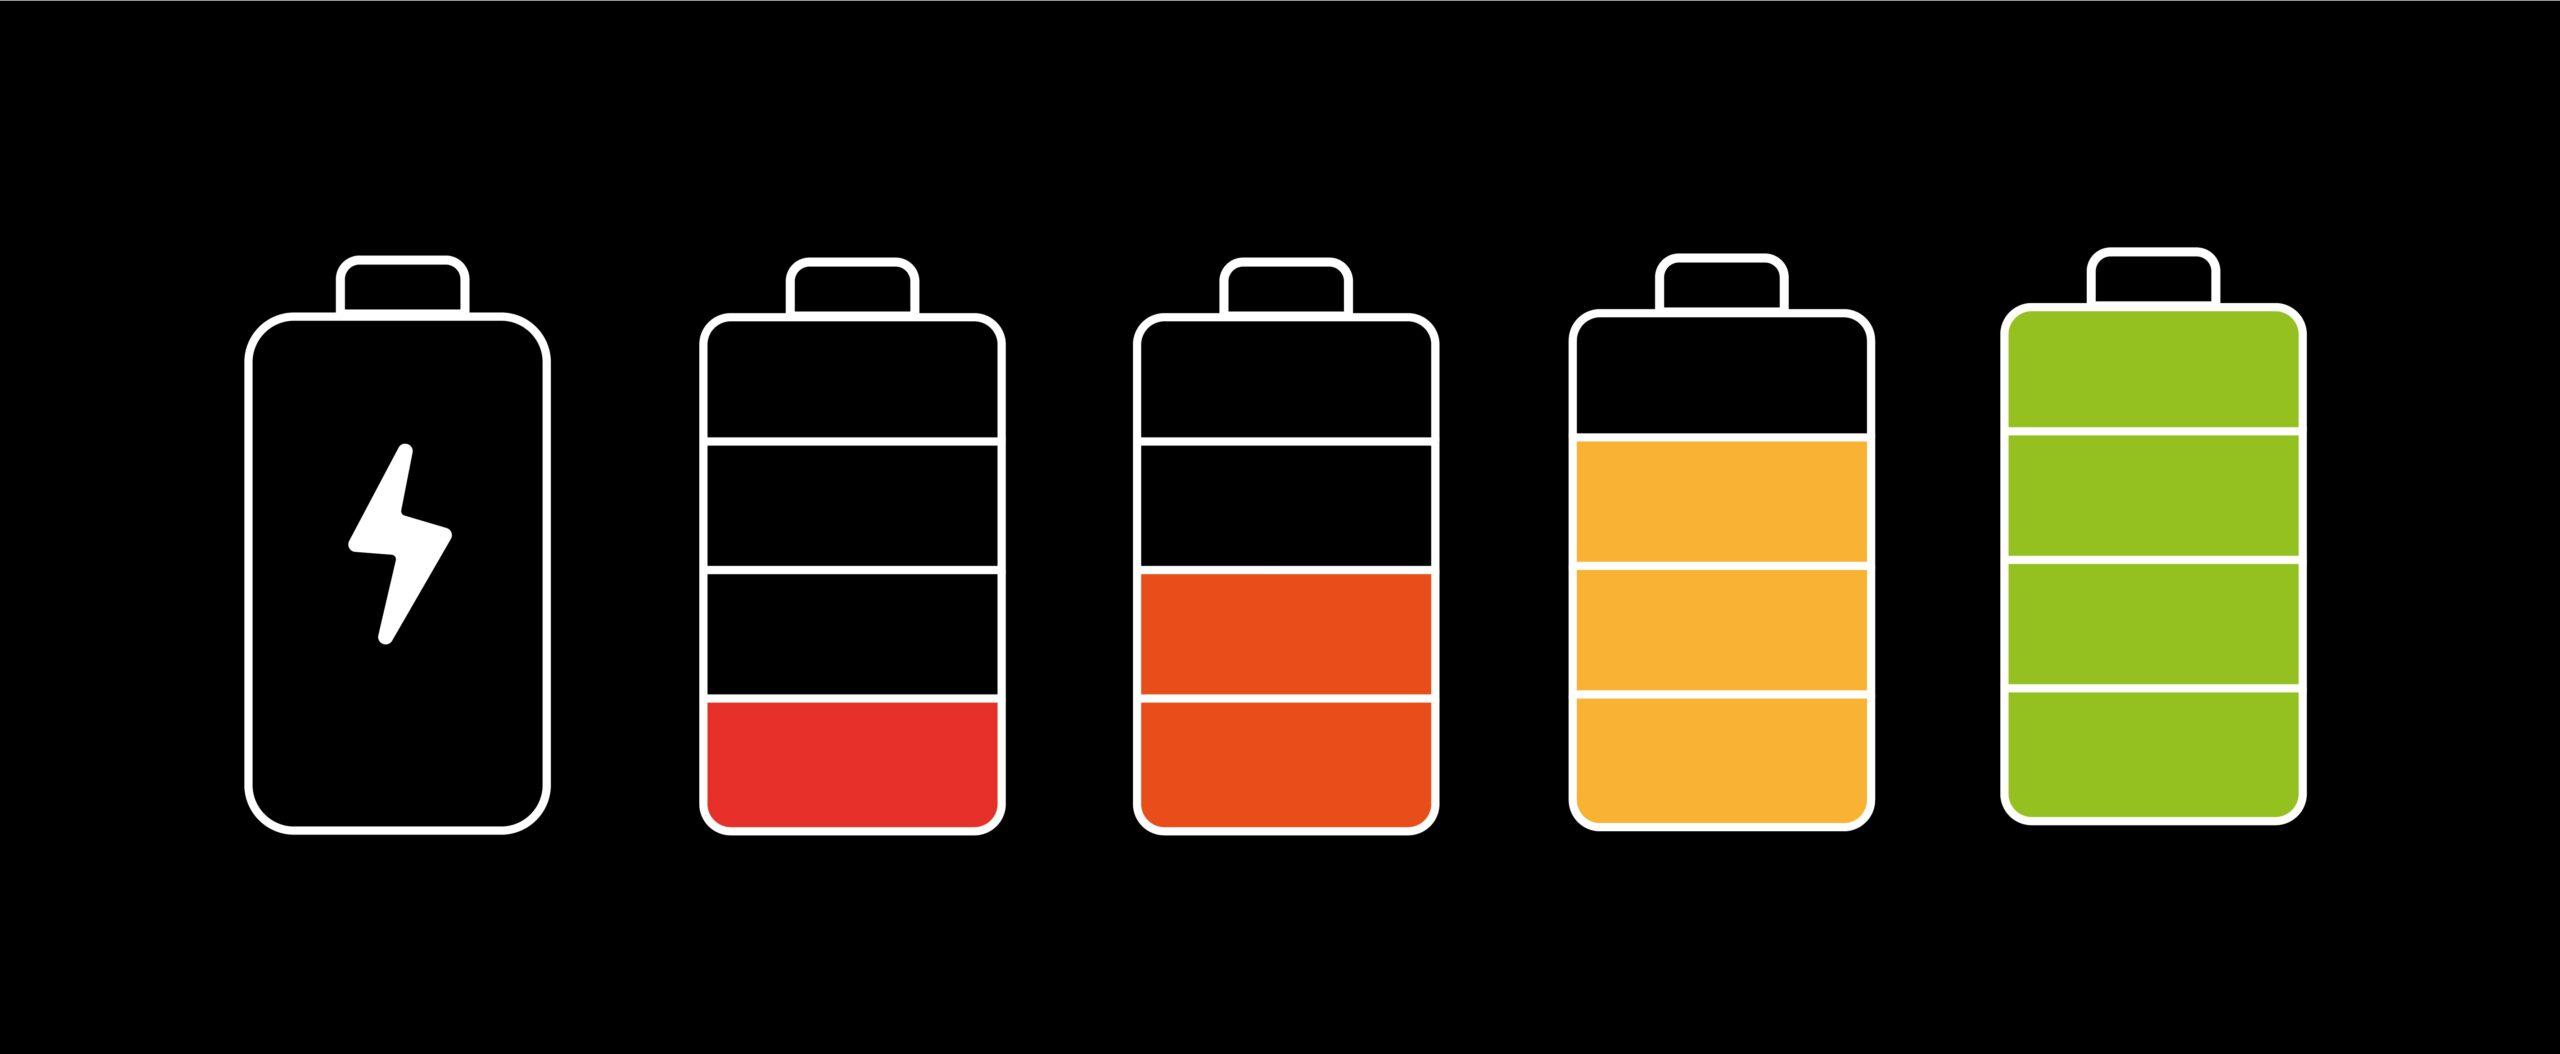 Самое дешевое хранилище энергии в будущем обеспечат грузовики и водородные системы